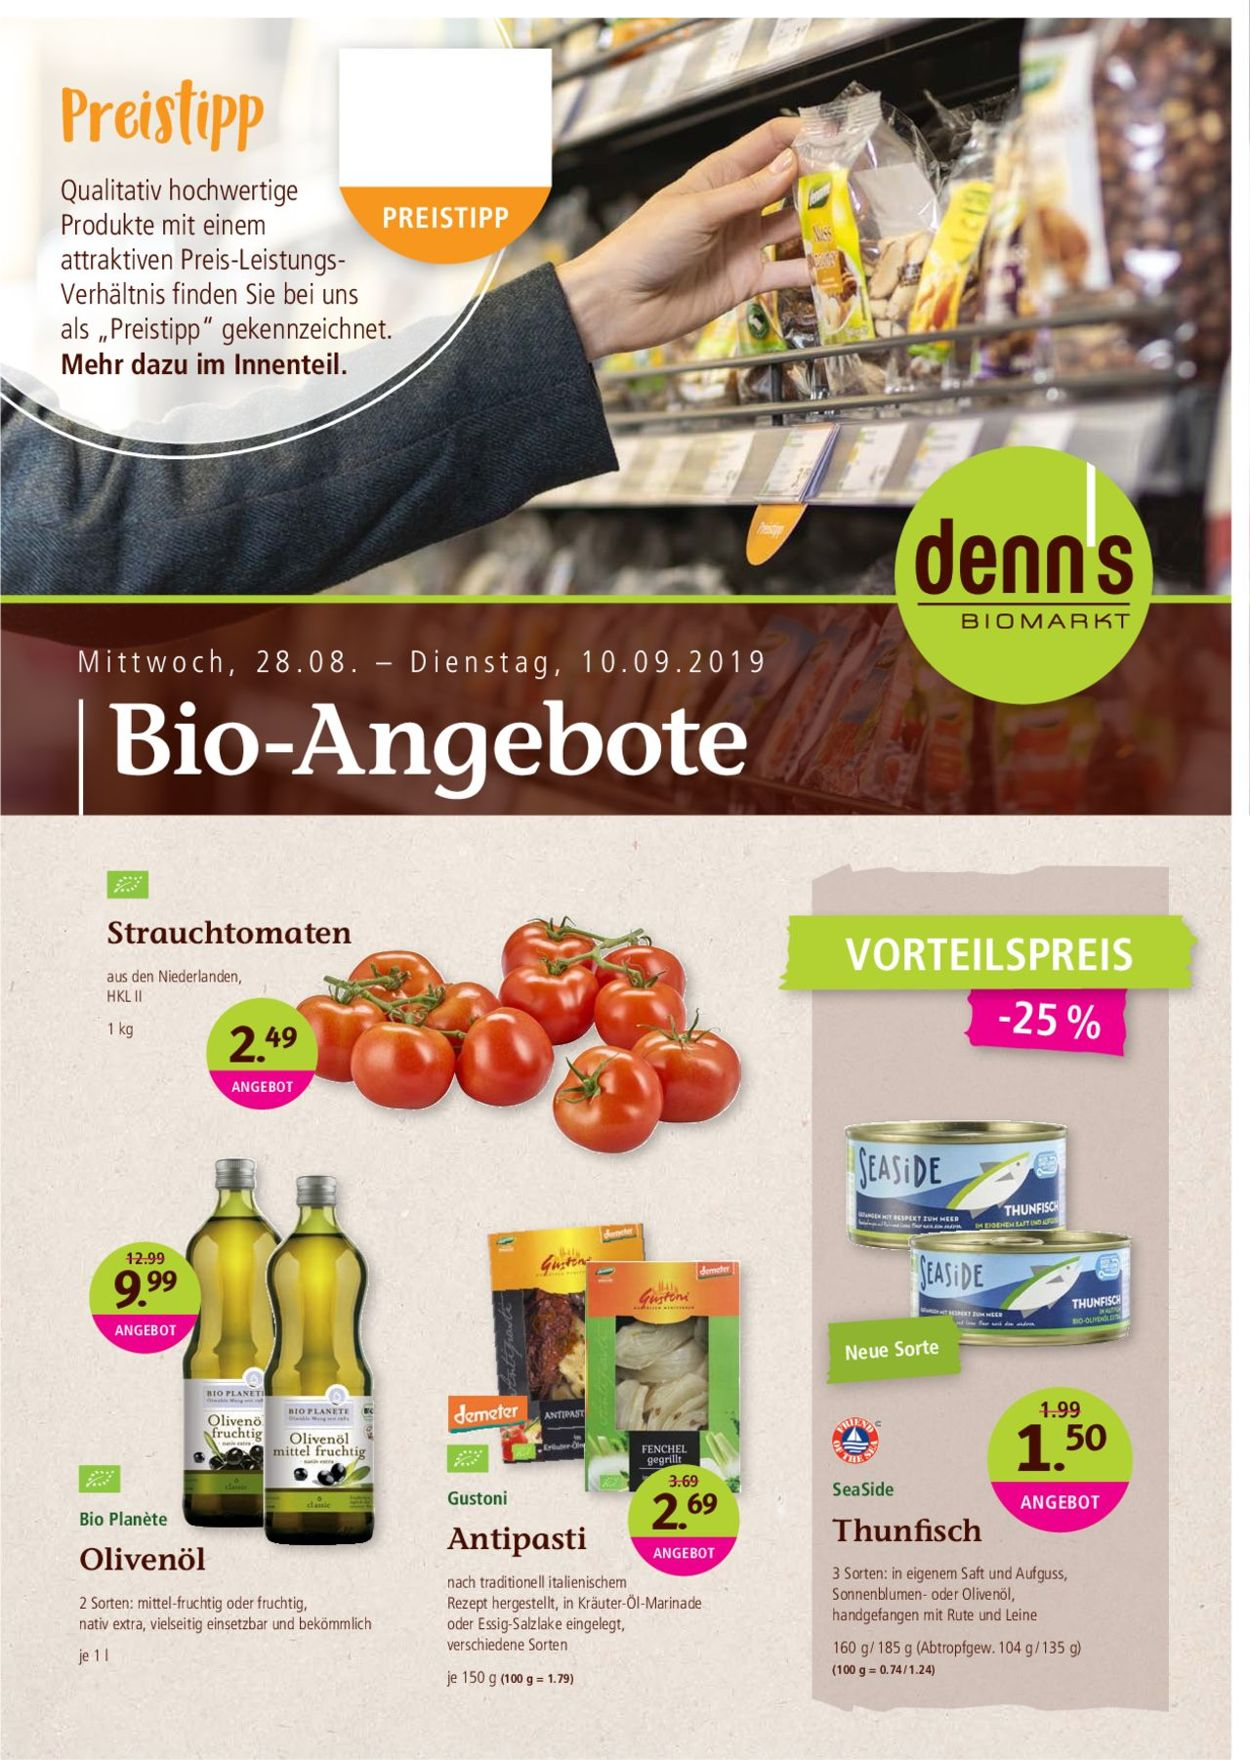 Denn's Biomarkt Prospekt - Aktuell vom 28.08-10.09.2019